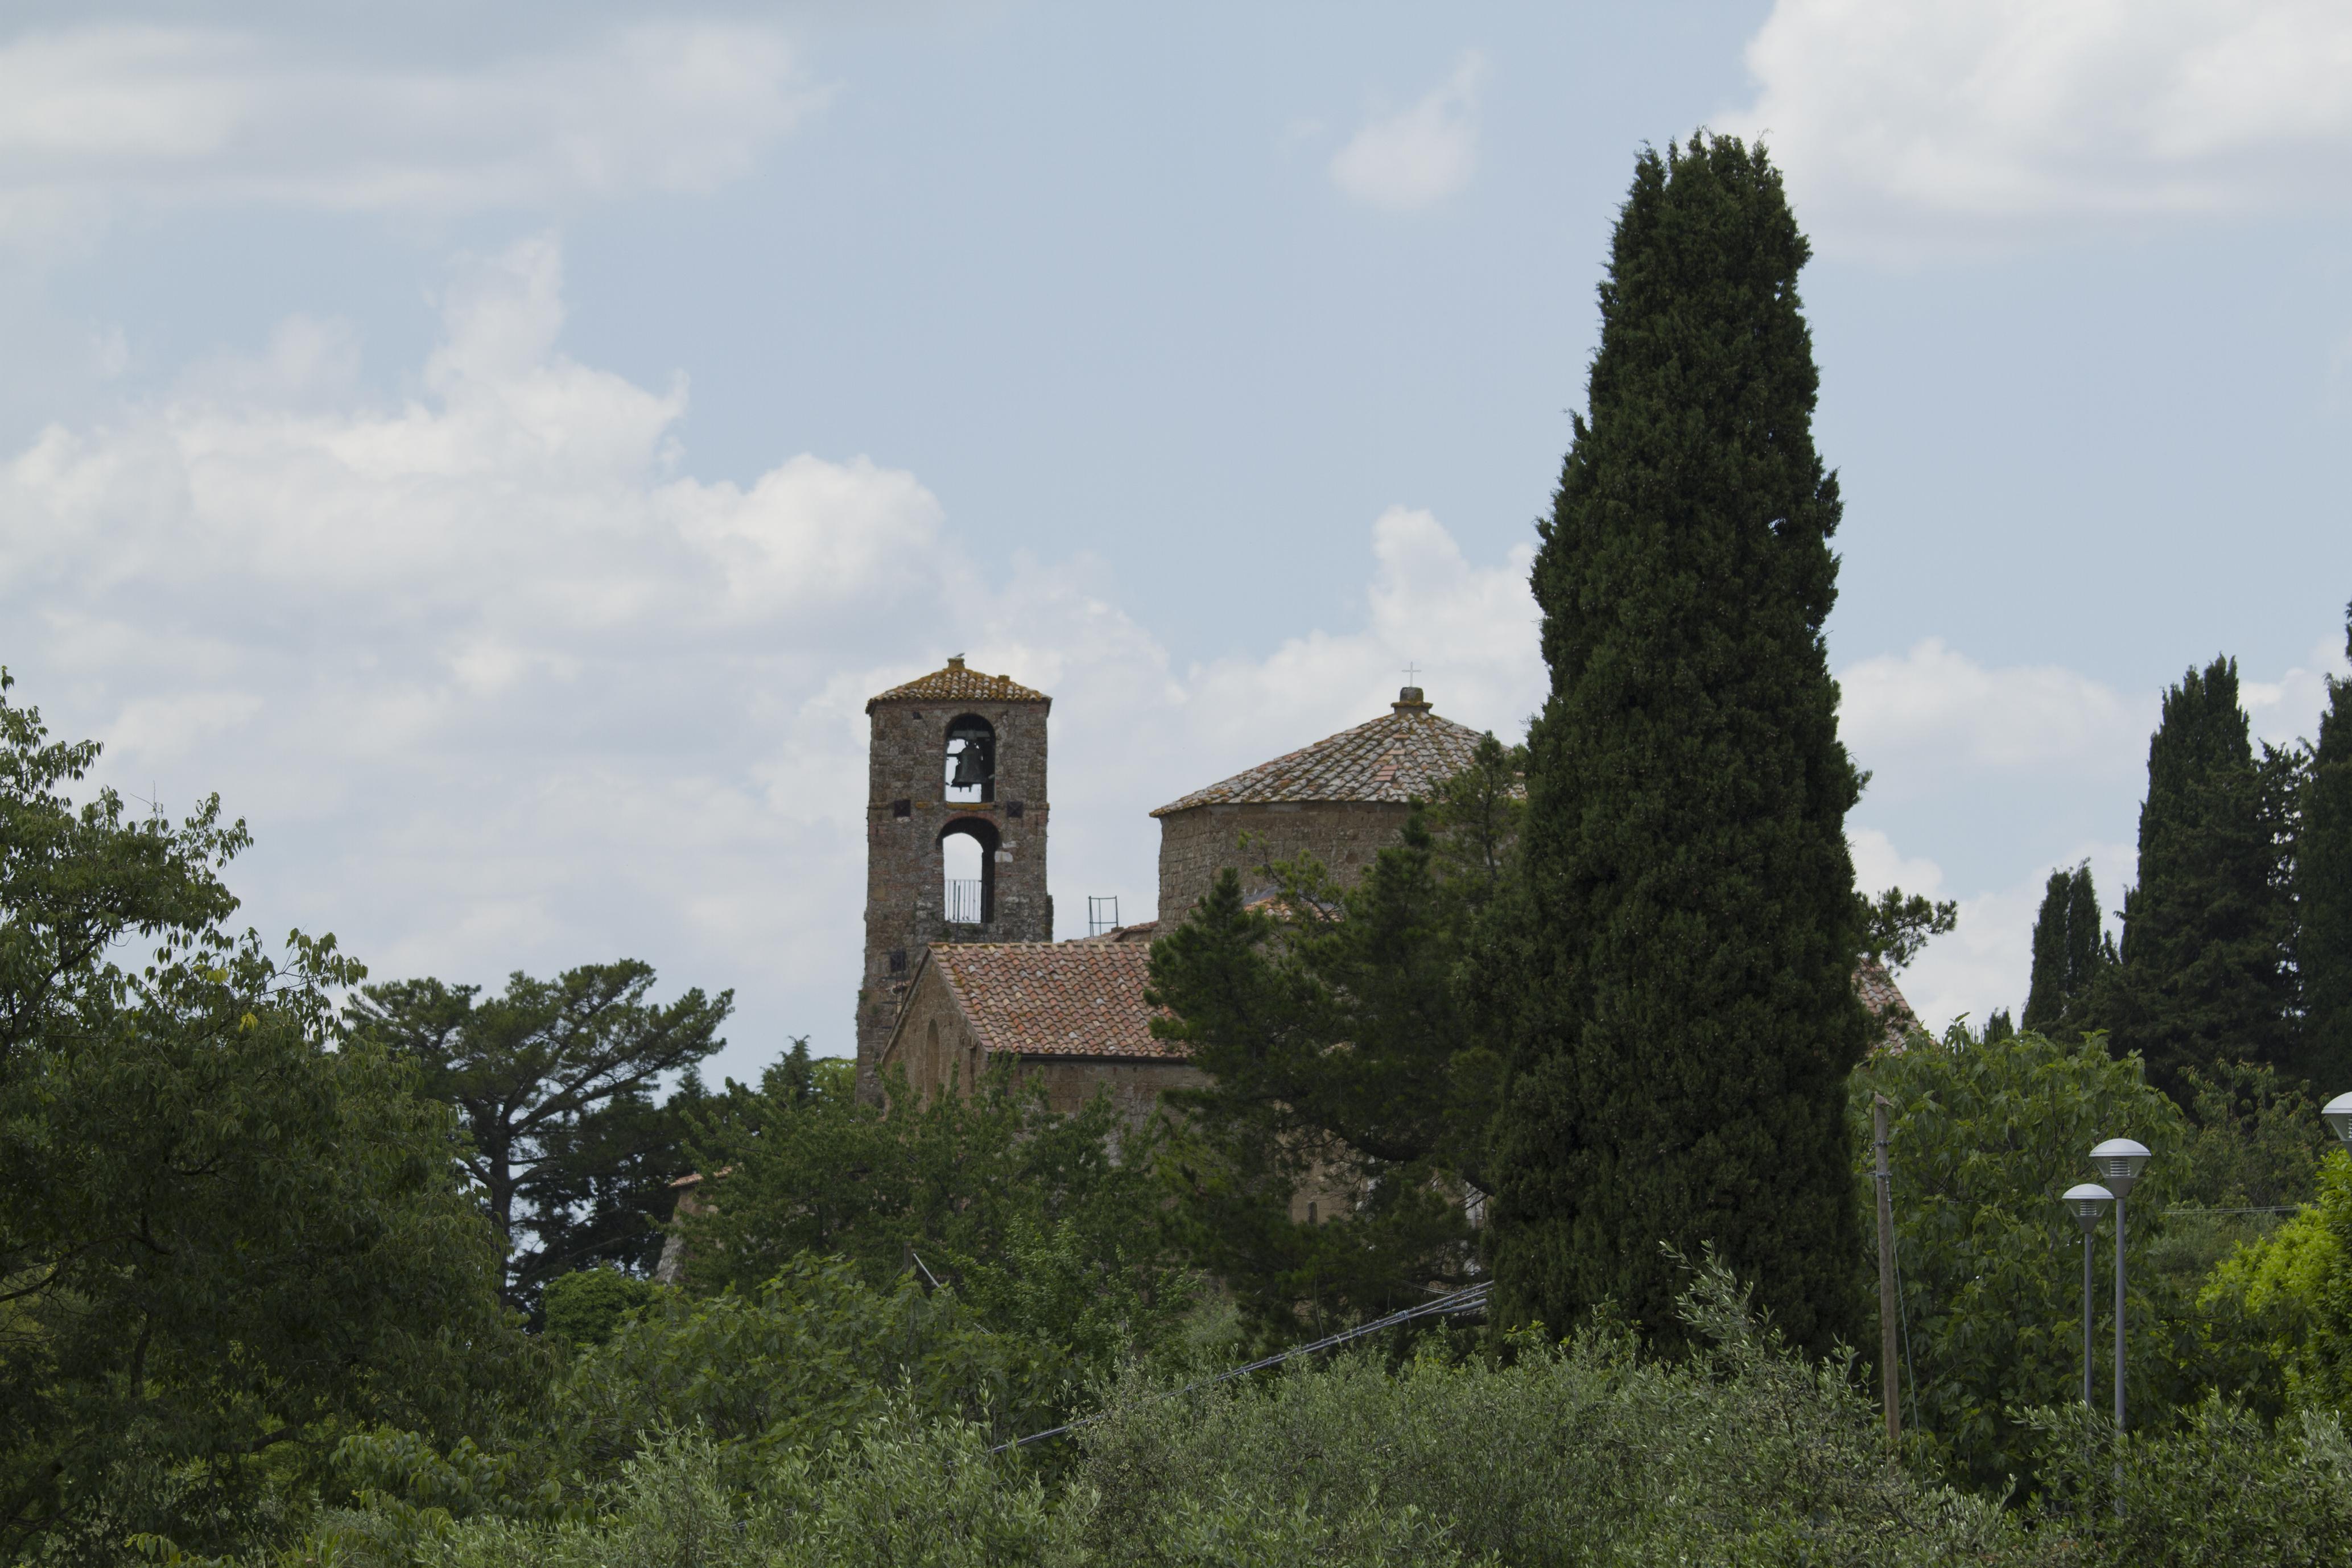 Duomo di Sovana, Sovana, GR, Tuscany, Italy